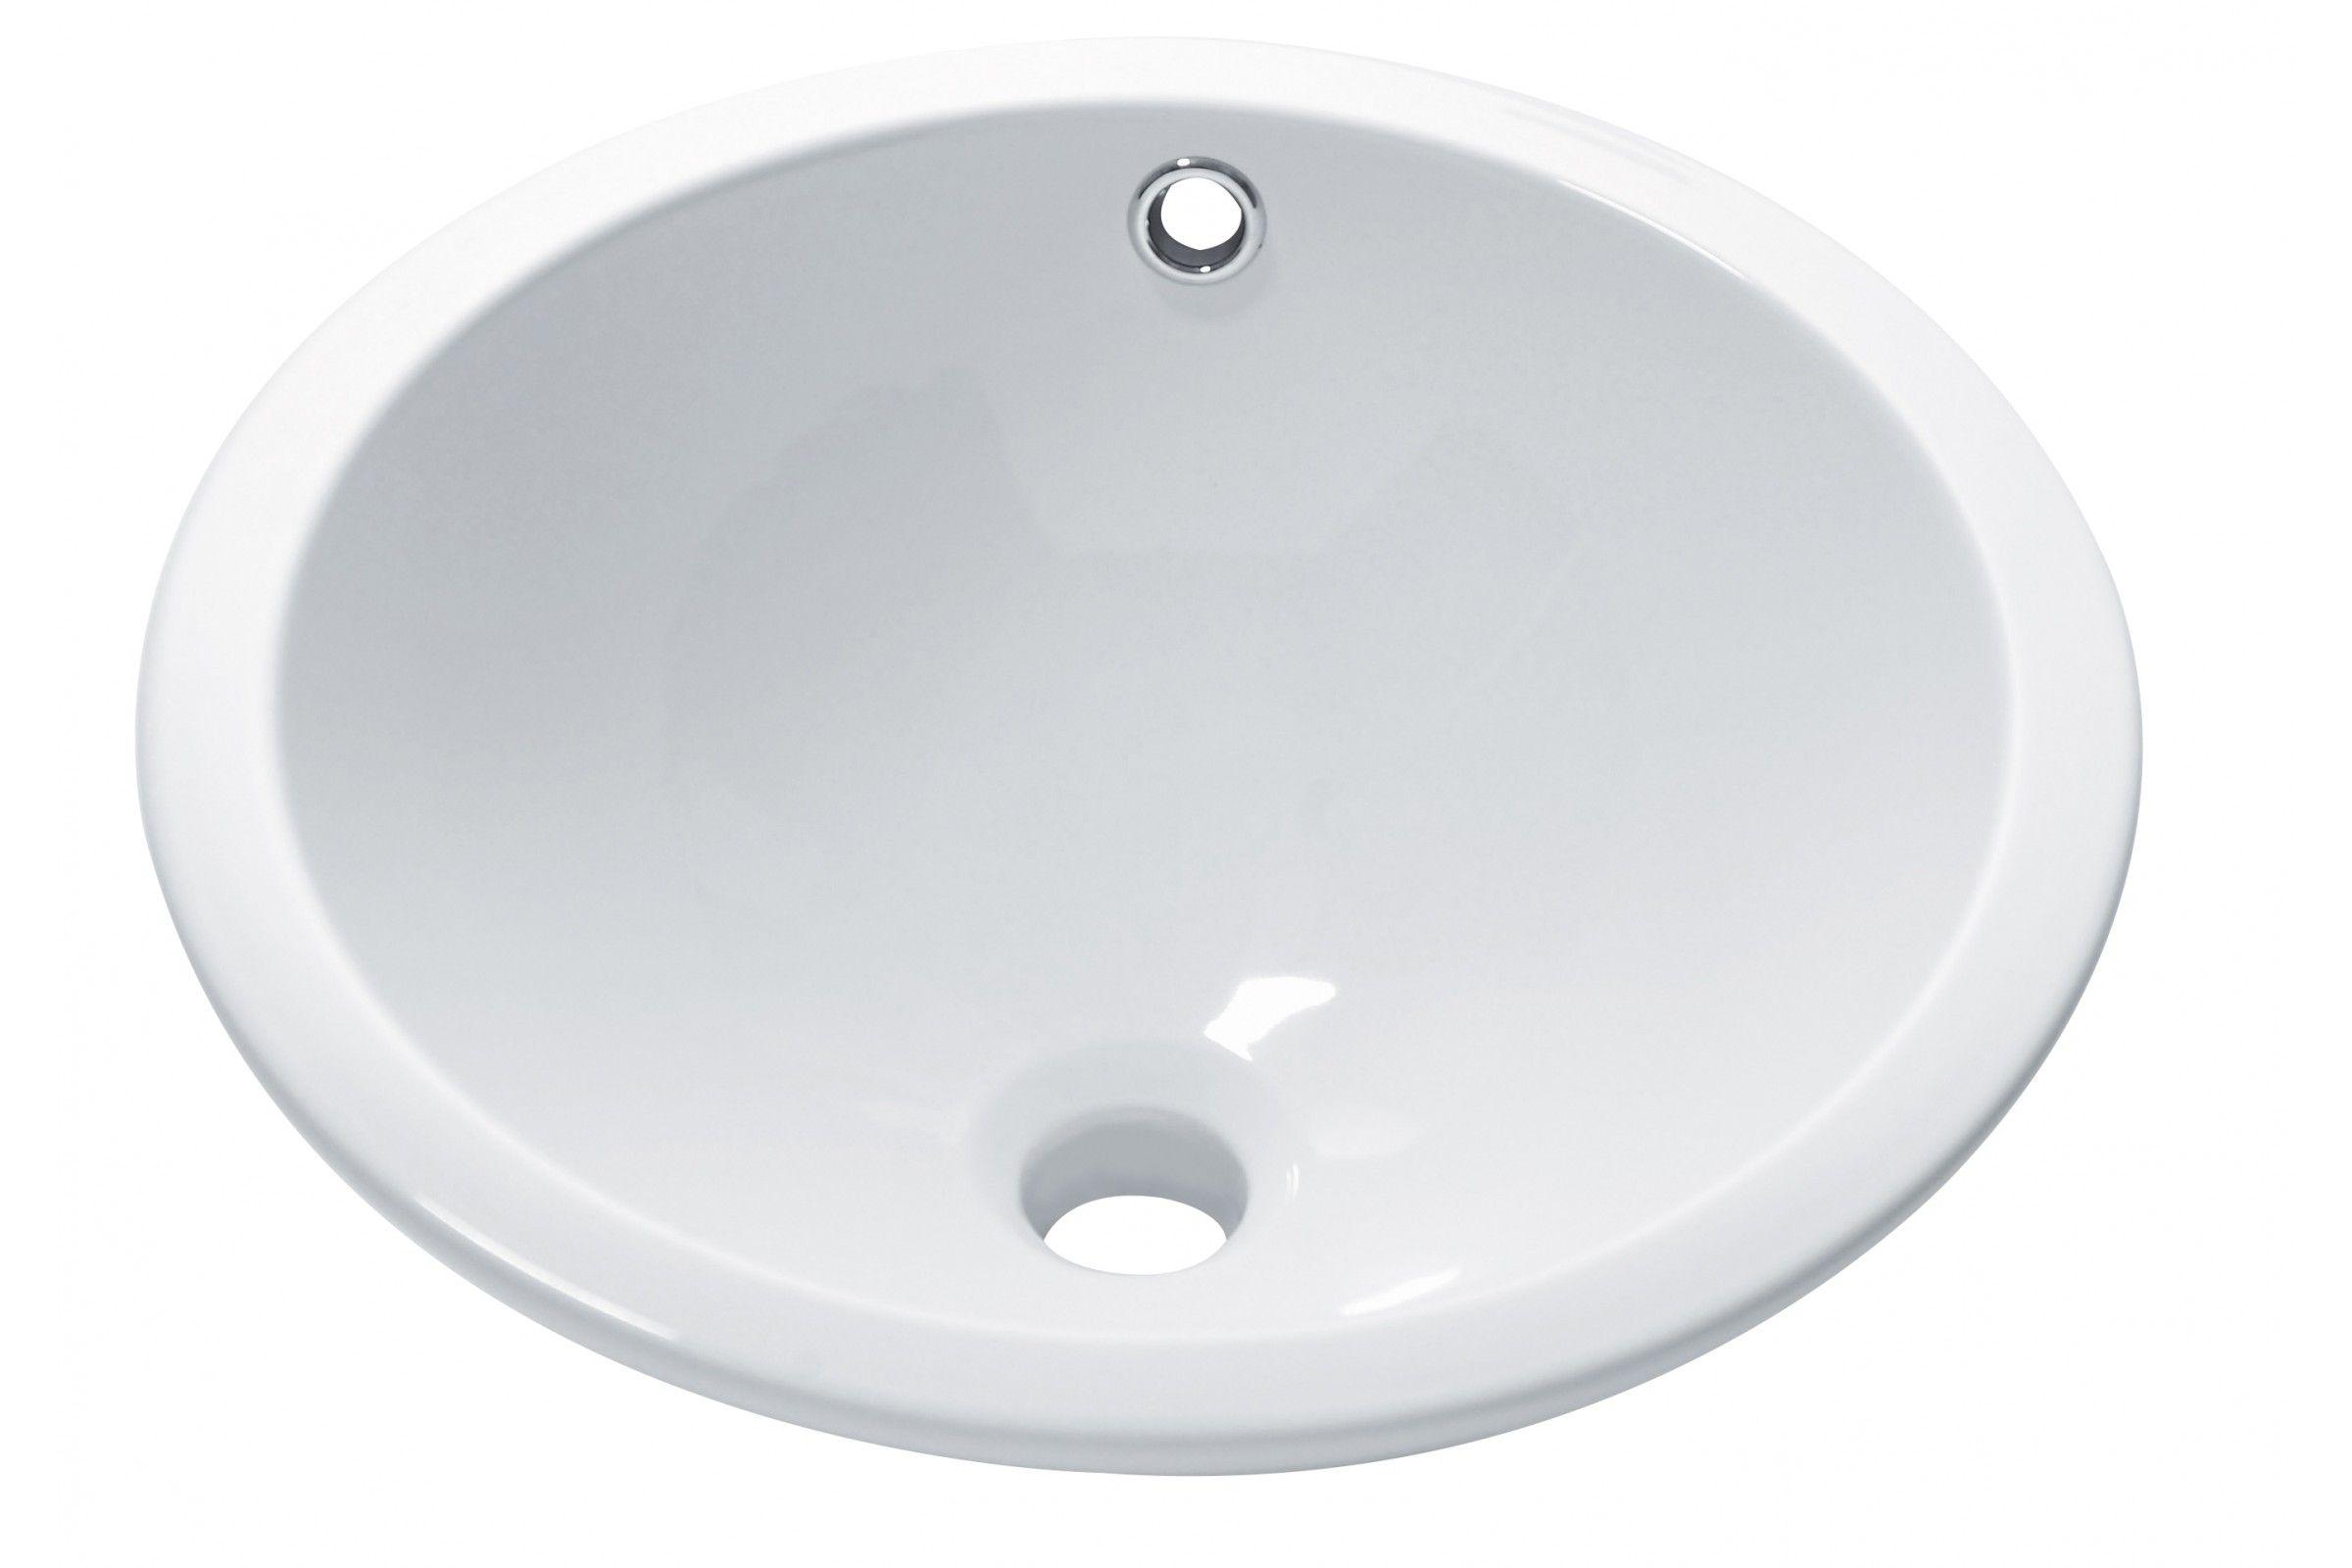 vasque ronde encastrer dessous blanche 42 cm sottopiano la galerie du teck. Black Bedroom Furniture Sets. Home Design Ideas